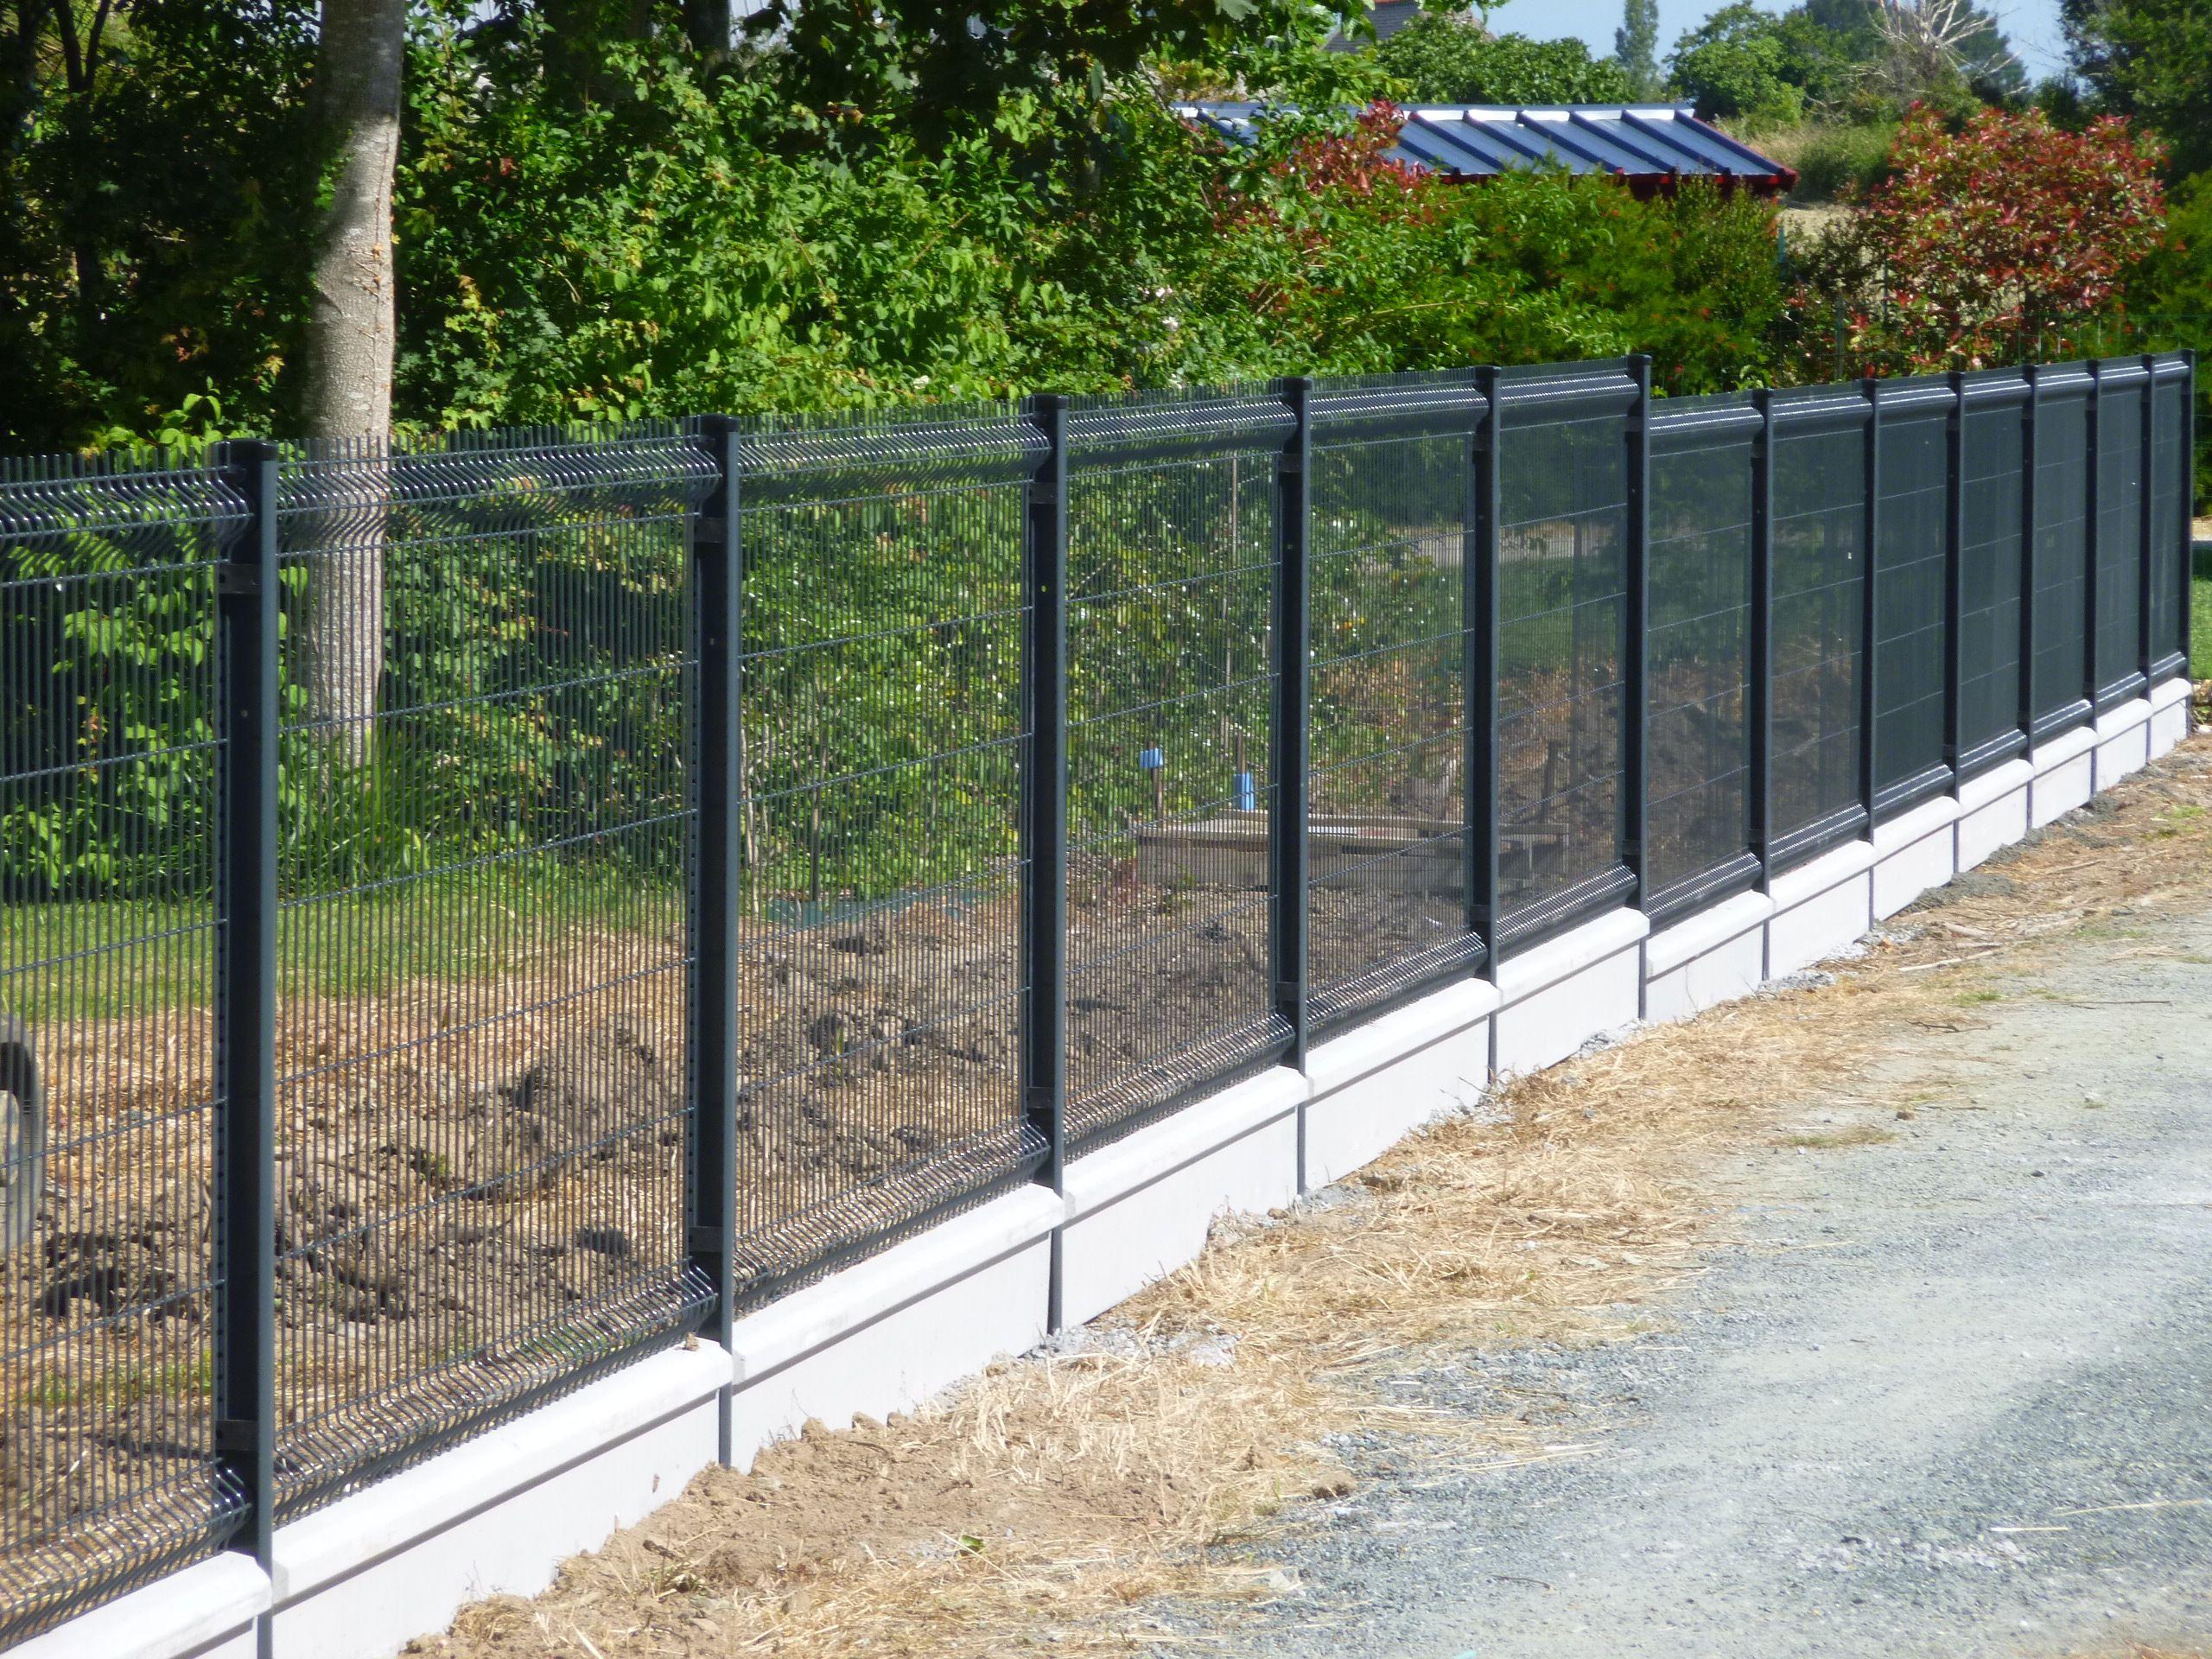 Cloture Grillage Rigide Gris | Aménagement Jardin Clôture ... pour Brise Vue Jardin Pas Cher